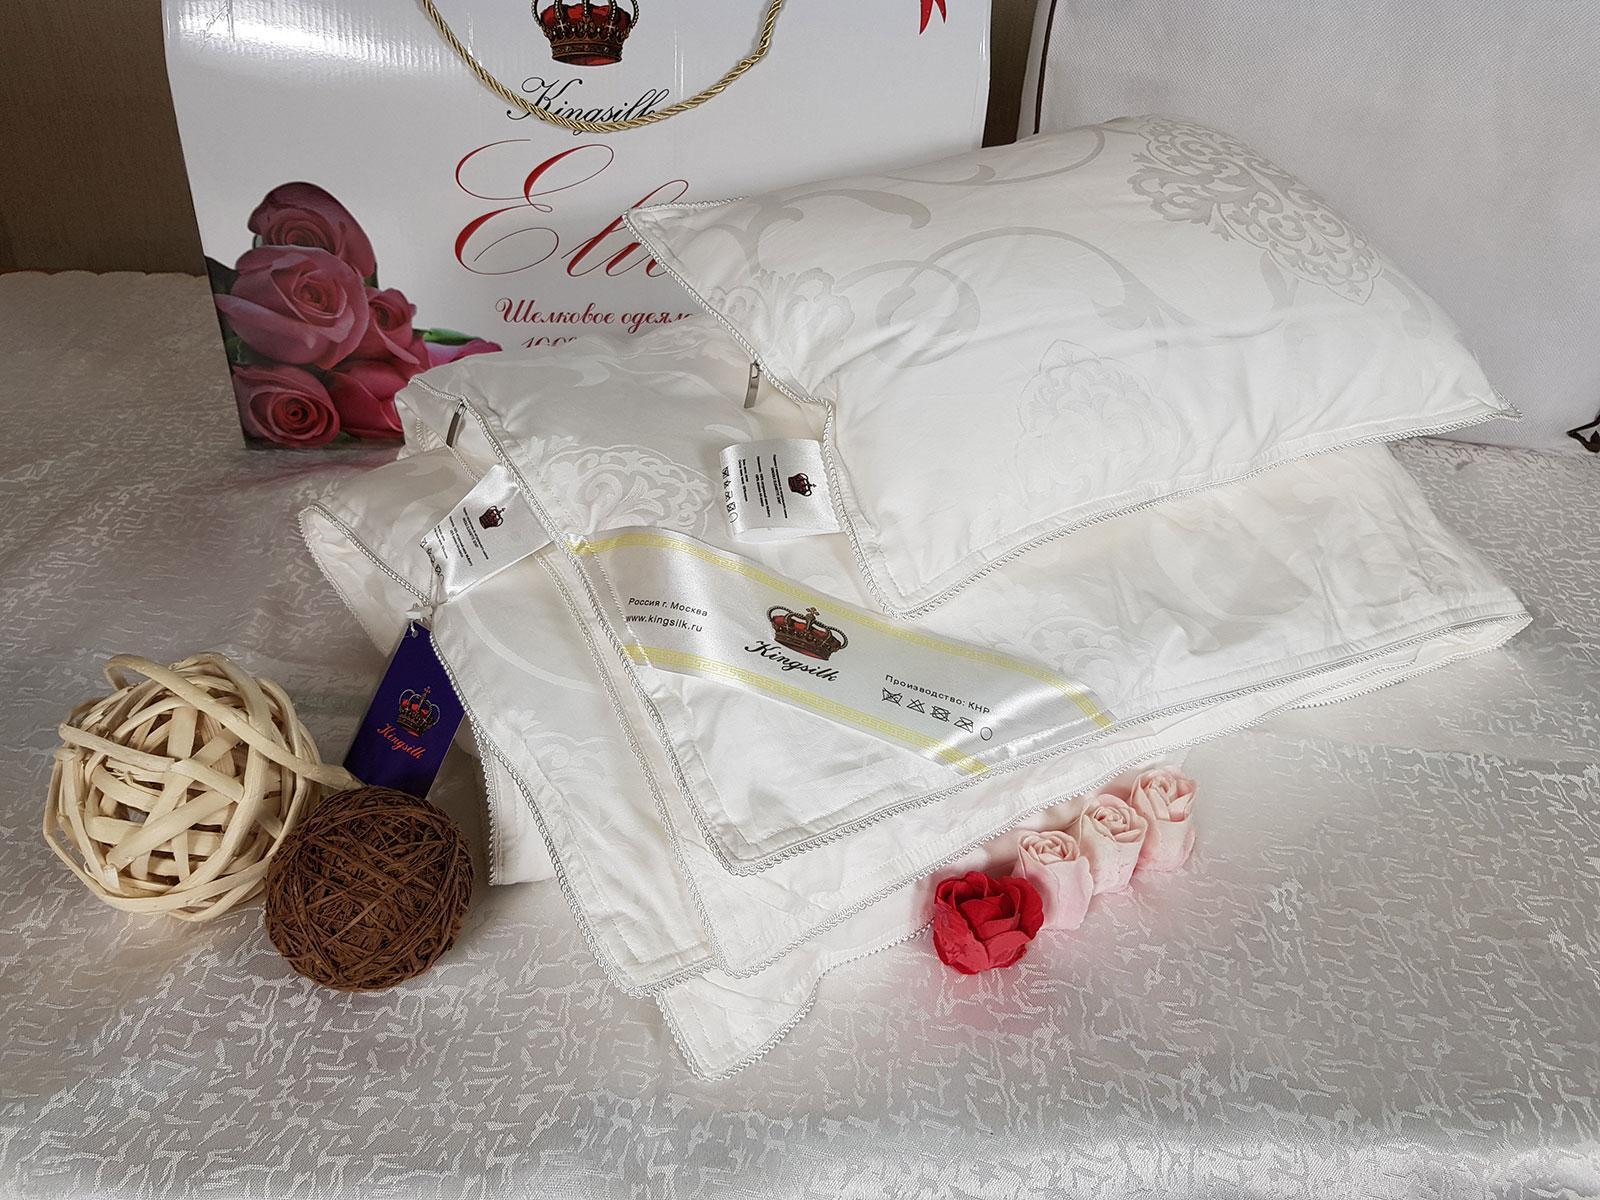 Детское одеяло Kingsilk Elisabette Элит с подушкой - Detskoye-Postelnoe.Ru